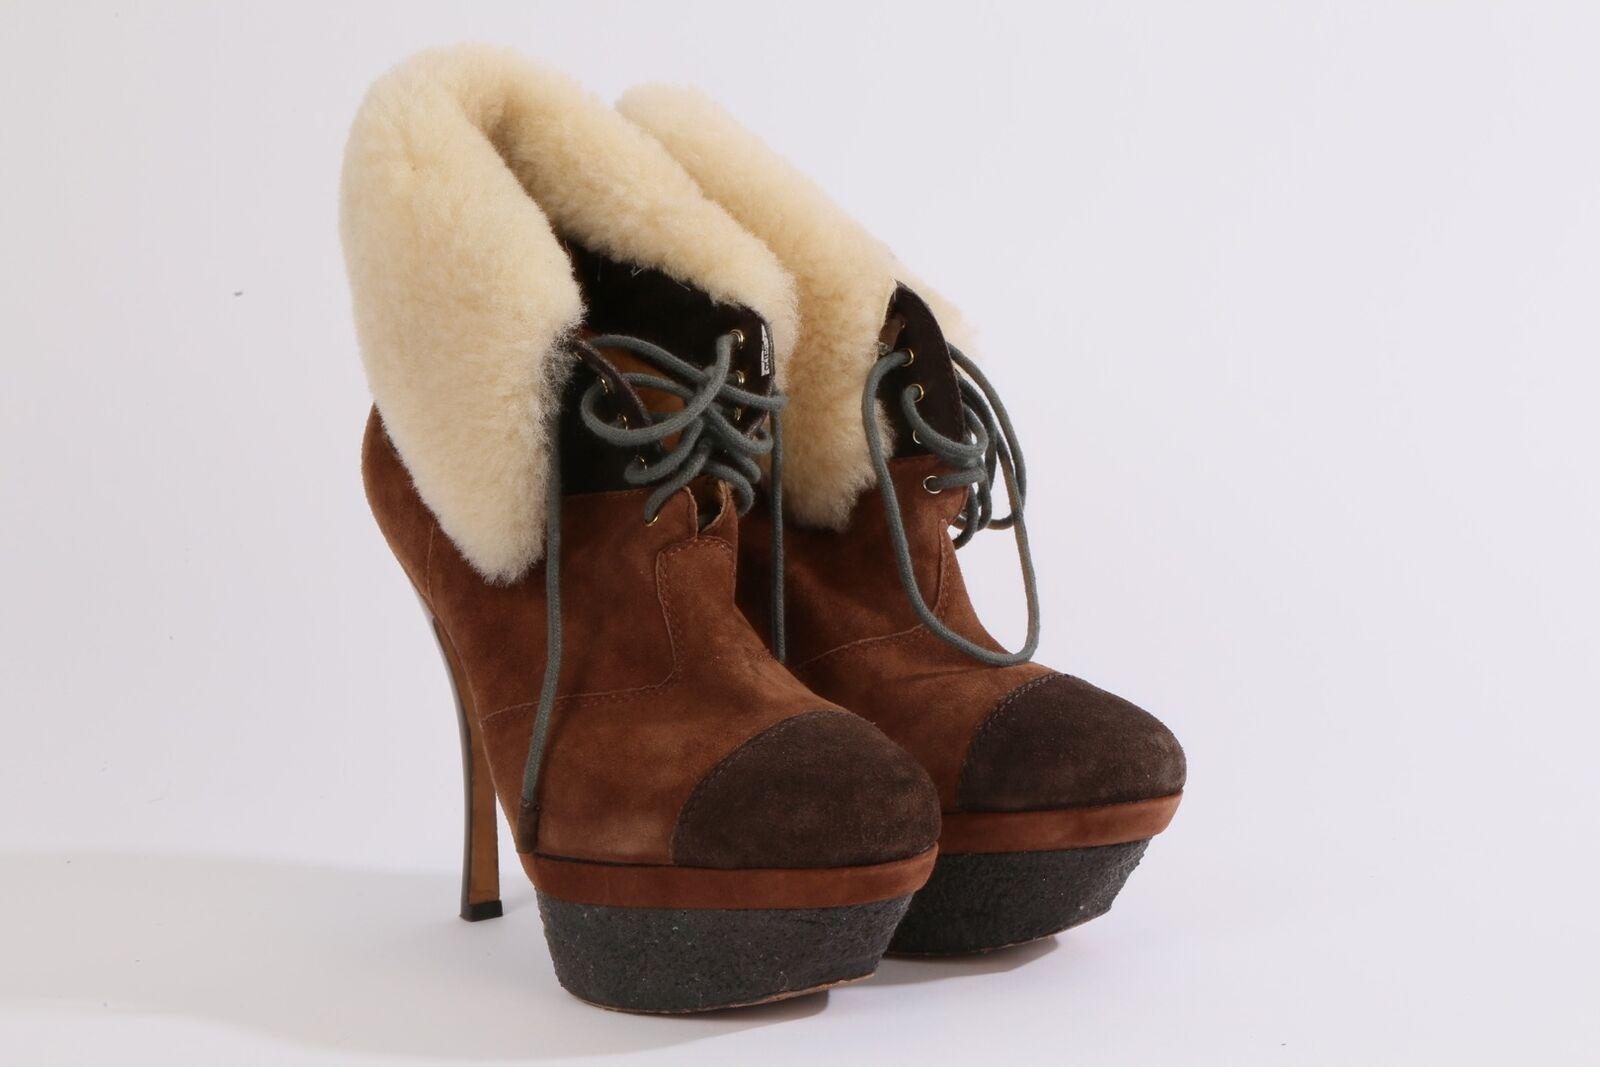 L.A.M.B. Gwen Stefani braun Suede Shearling Platform Ankle Stiefelies Größe 7.5 M